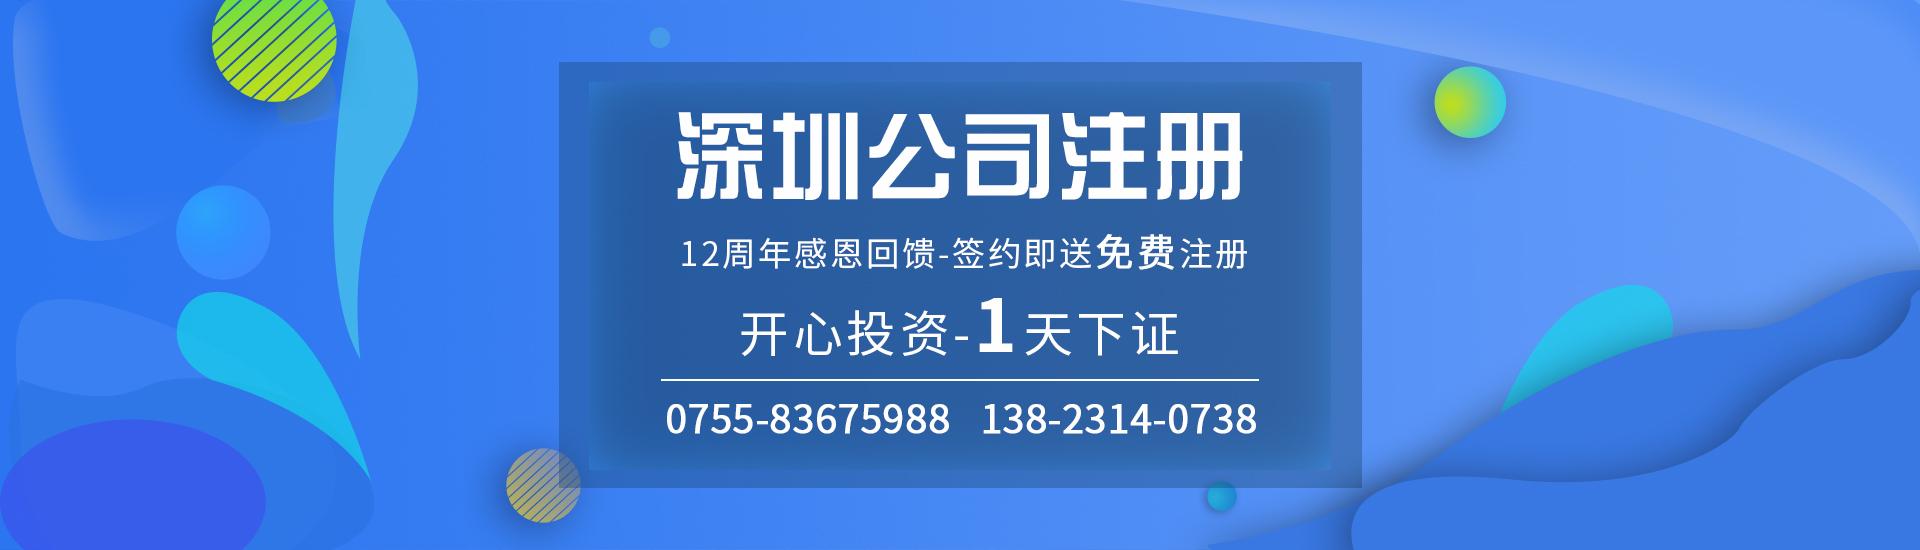 深圳如何申请商品条形码-开心(免费注册公司)